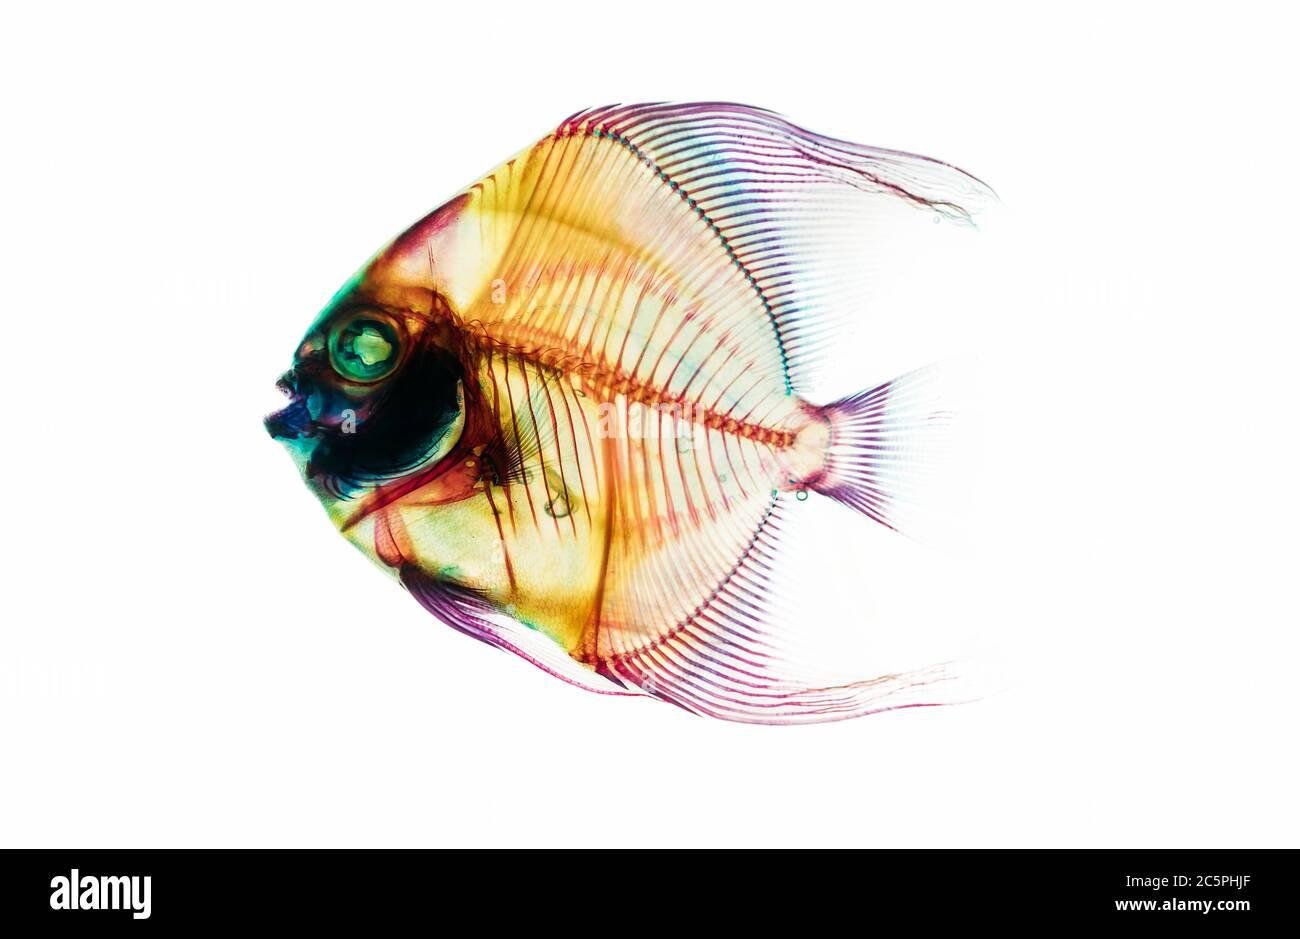 Squelette de poisson préhistorique fossile isolé sur fond blanc. Science et évolution de la vie terrestre recherche de l'image conceptuelle. Banque D'Images